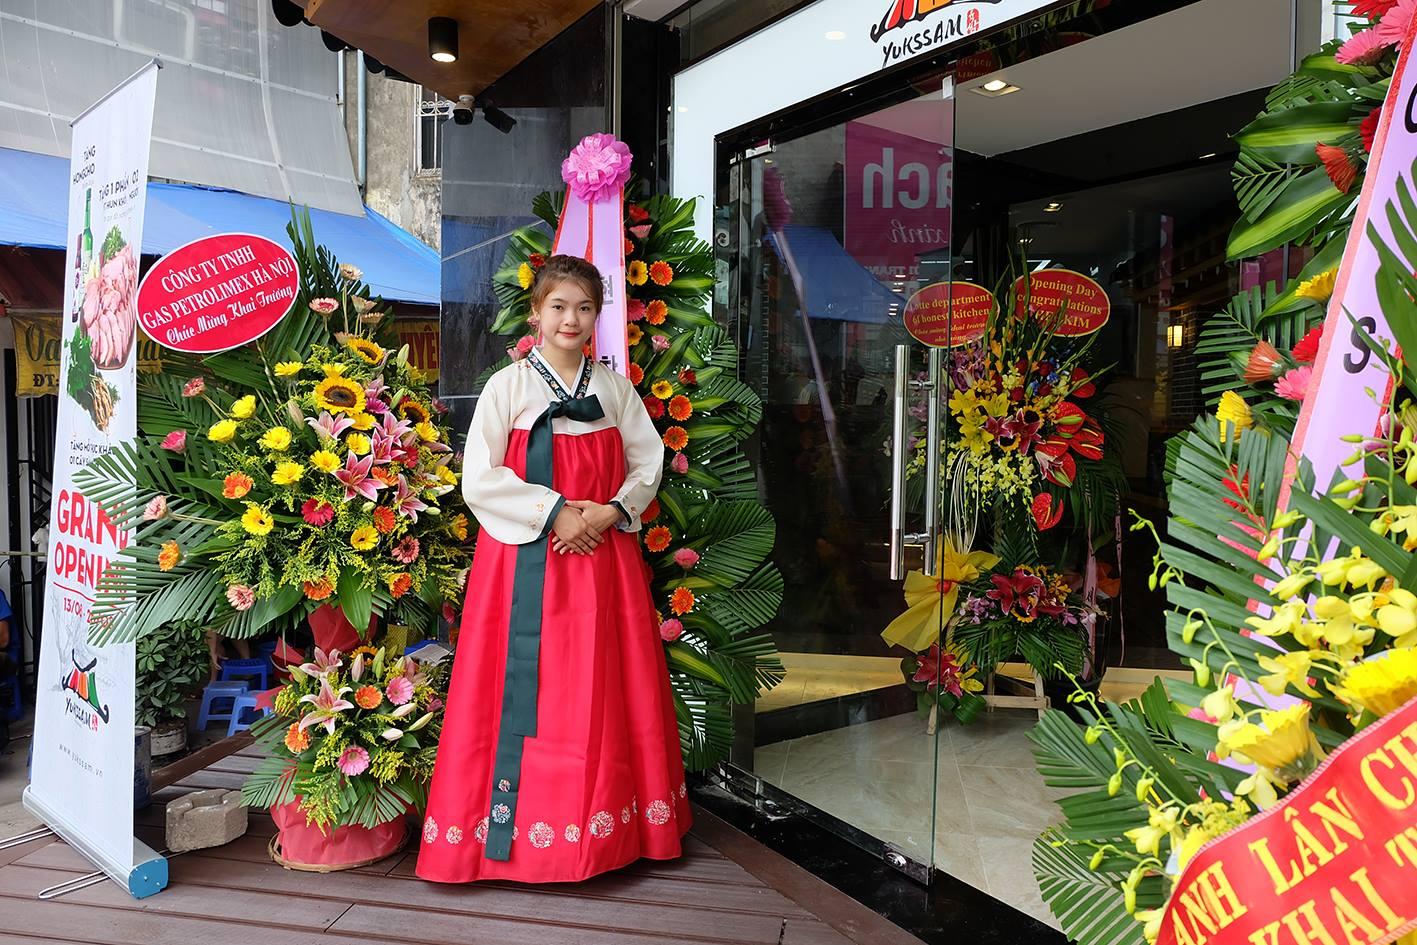 Đồng phục lễ tân nhà hàng Hàn Quốc màu đỏ sẽ rất nổi bật và ấn tượng